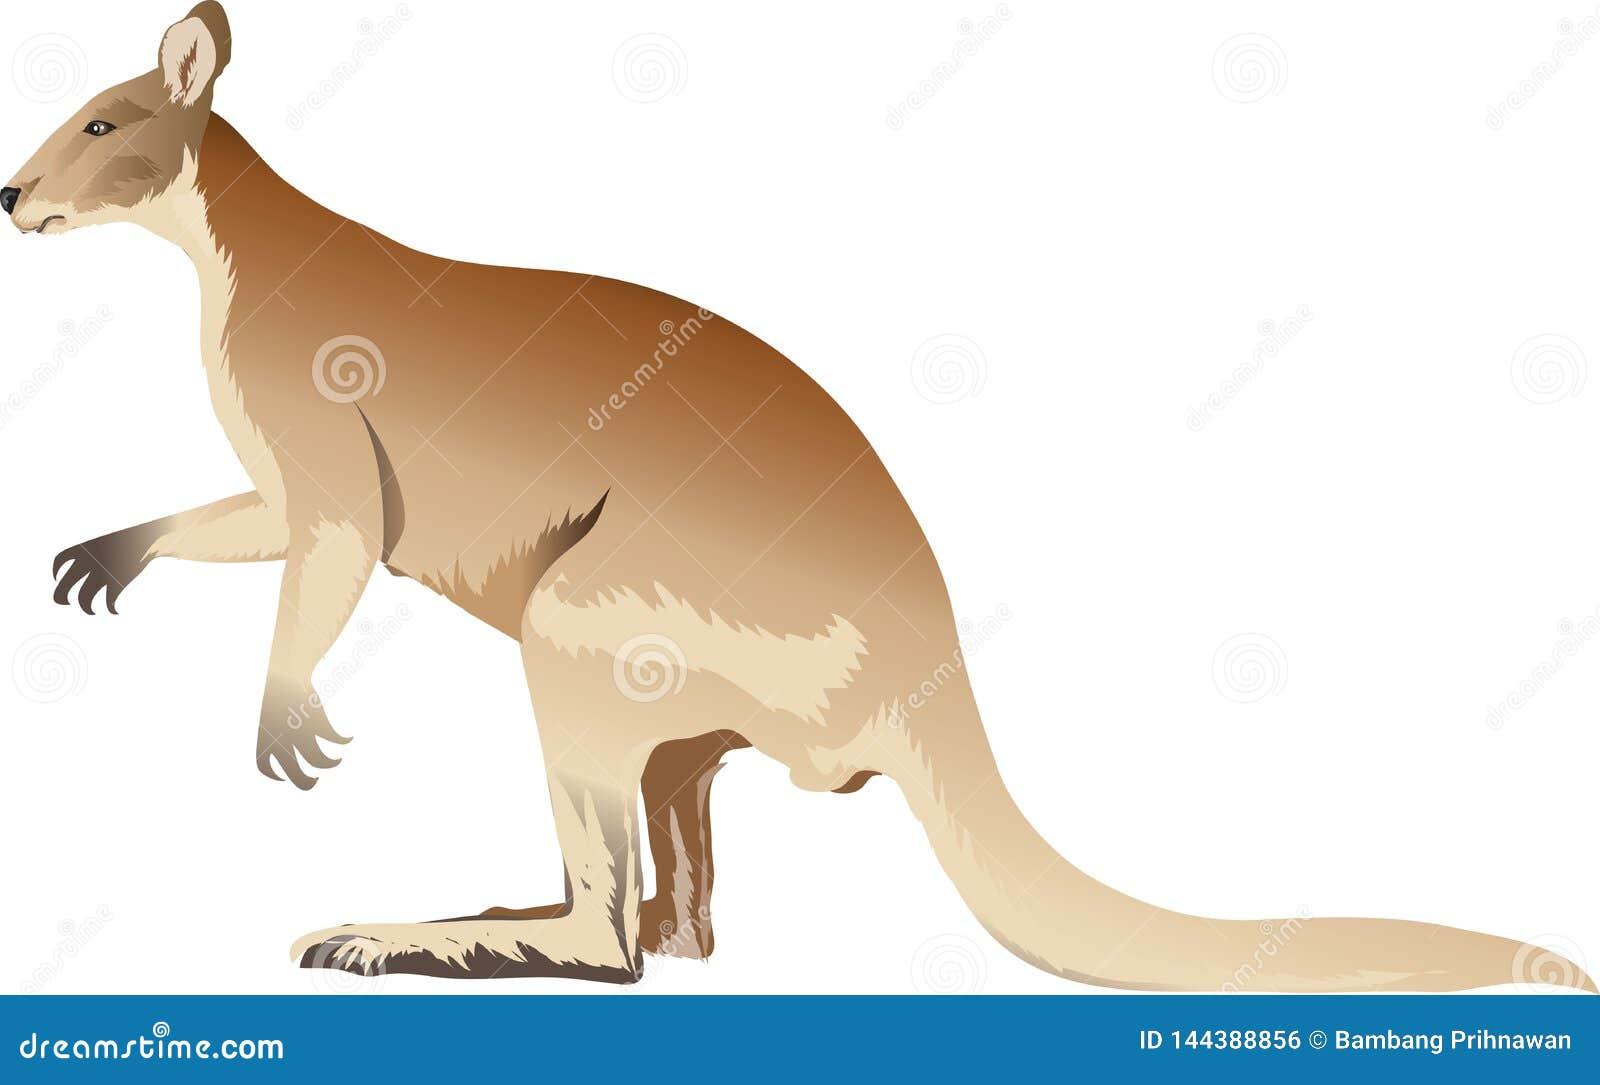 Kangoeroe of het Zijaanzicht van Wallabi - Vectorillustratie